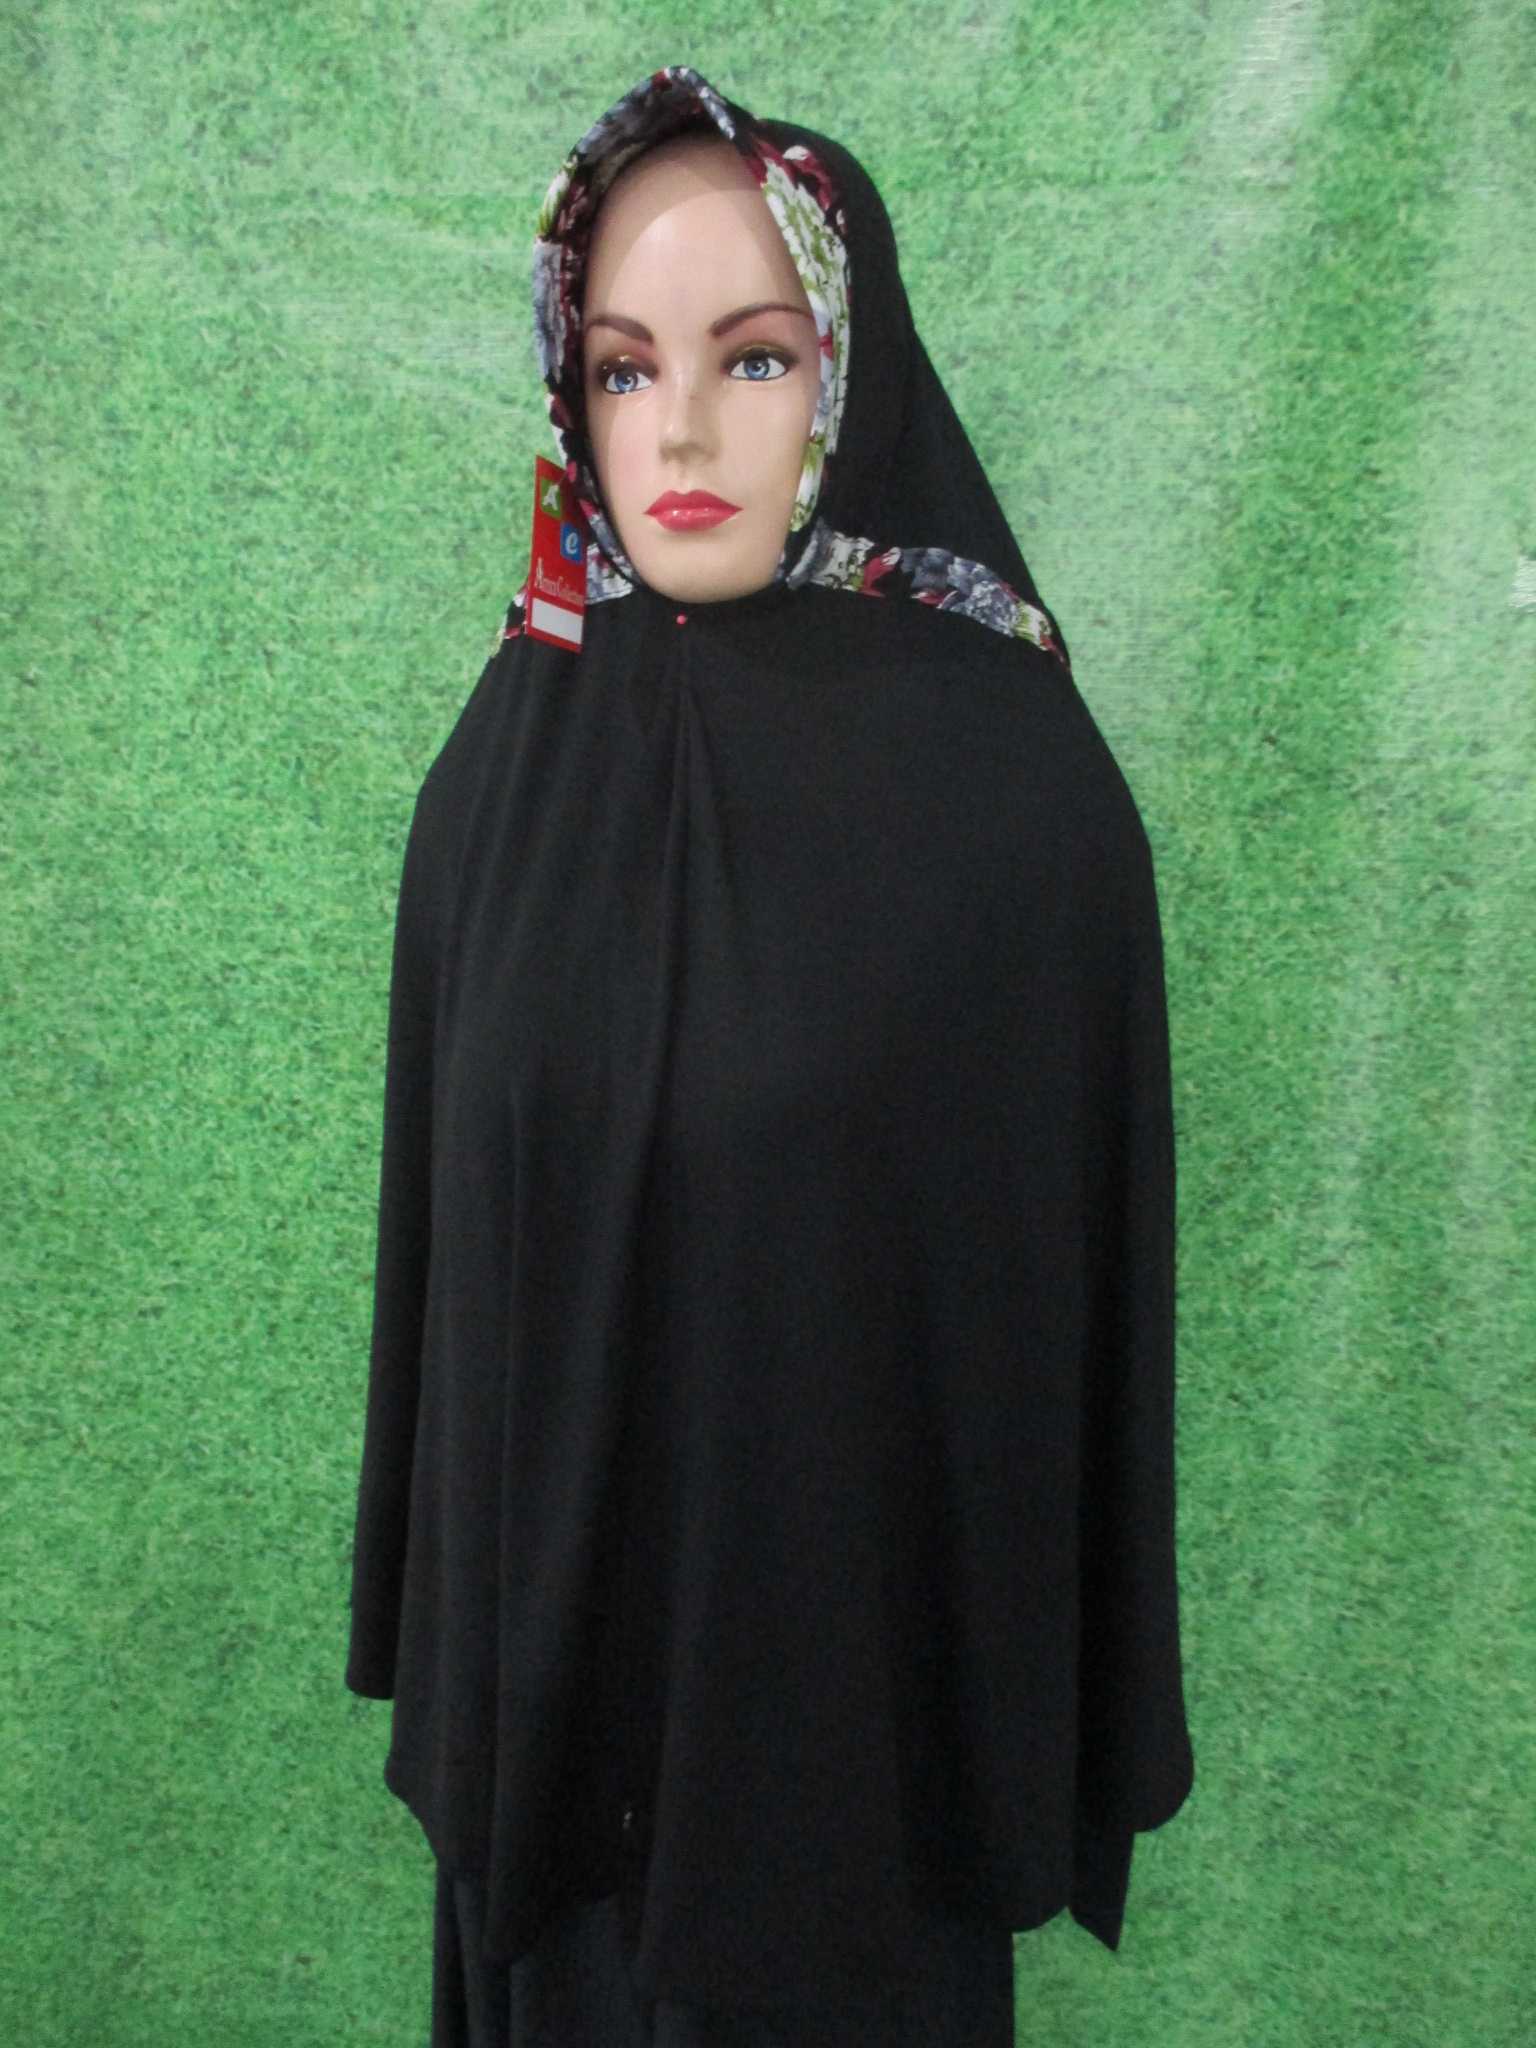 grosir jilbab murah bandung